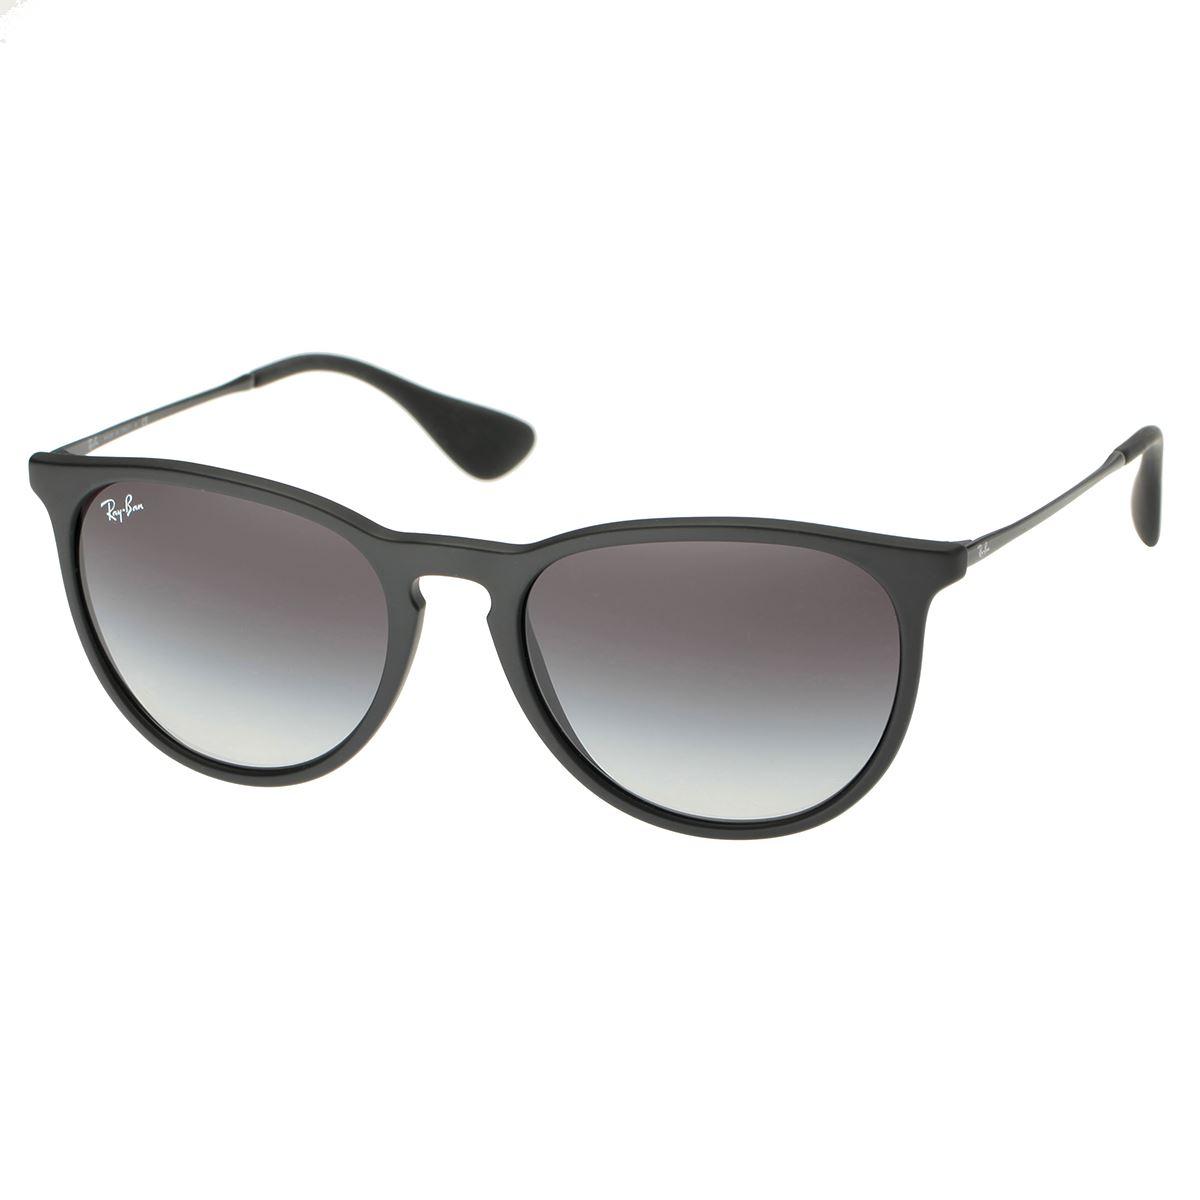 Quelques clics pour trouver de belles lunettes